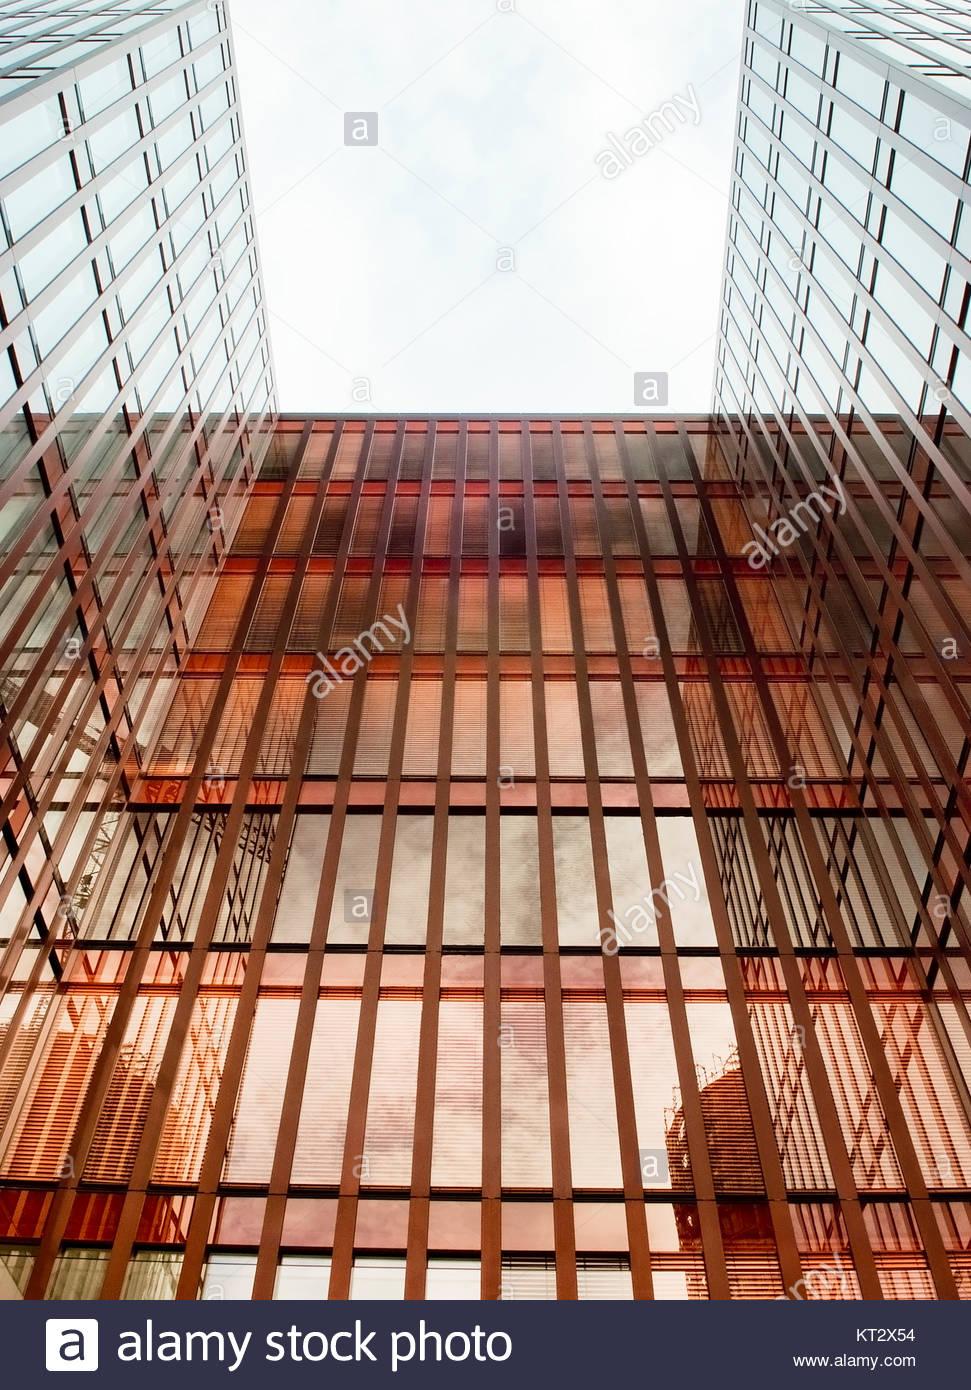 Gratte-ciel moderne en verre, de concepts d'affaires financières, de l'économie. Photo Stock